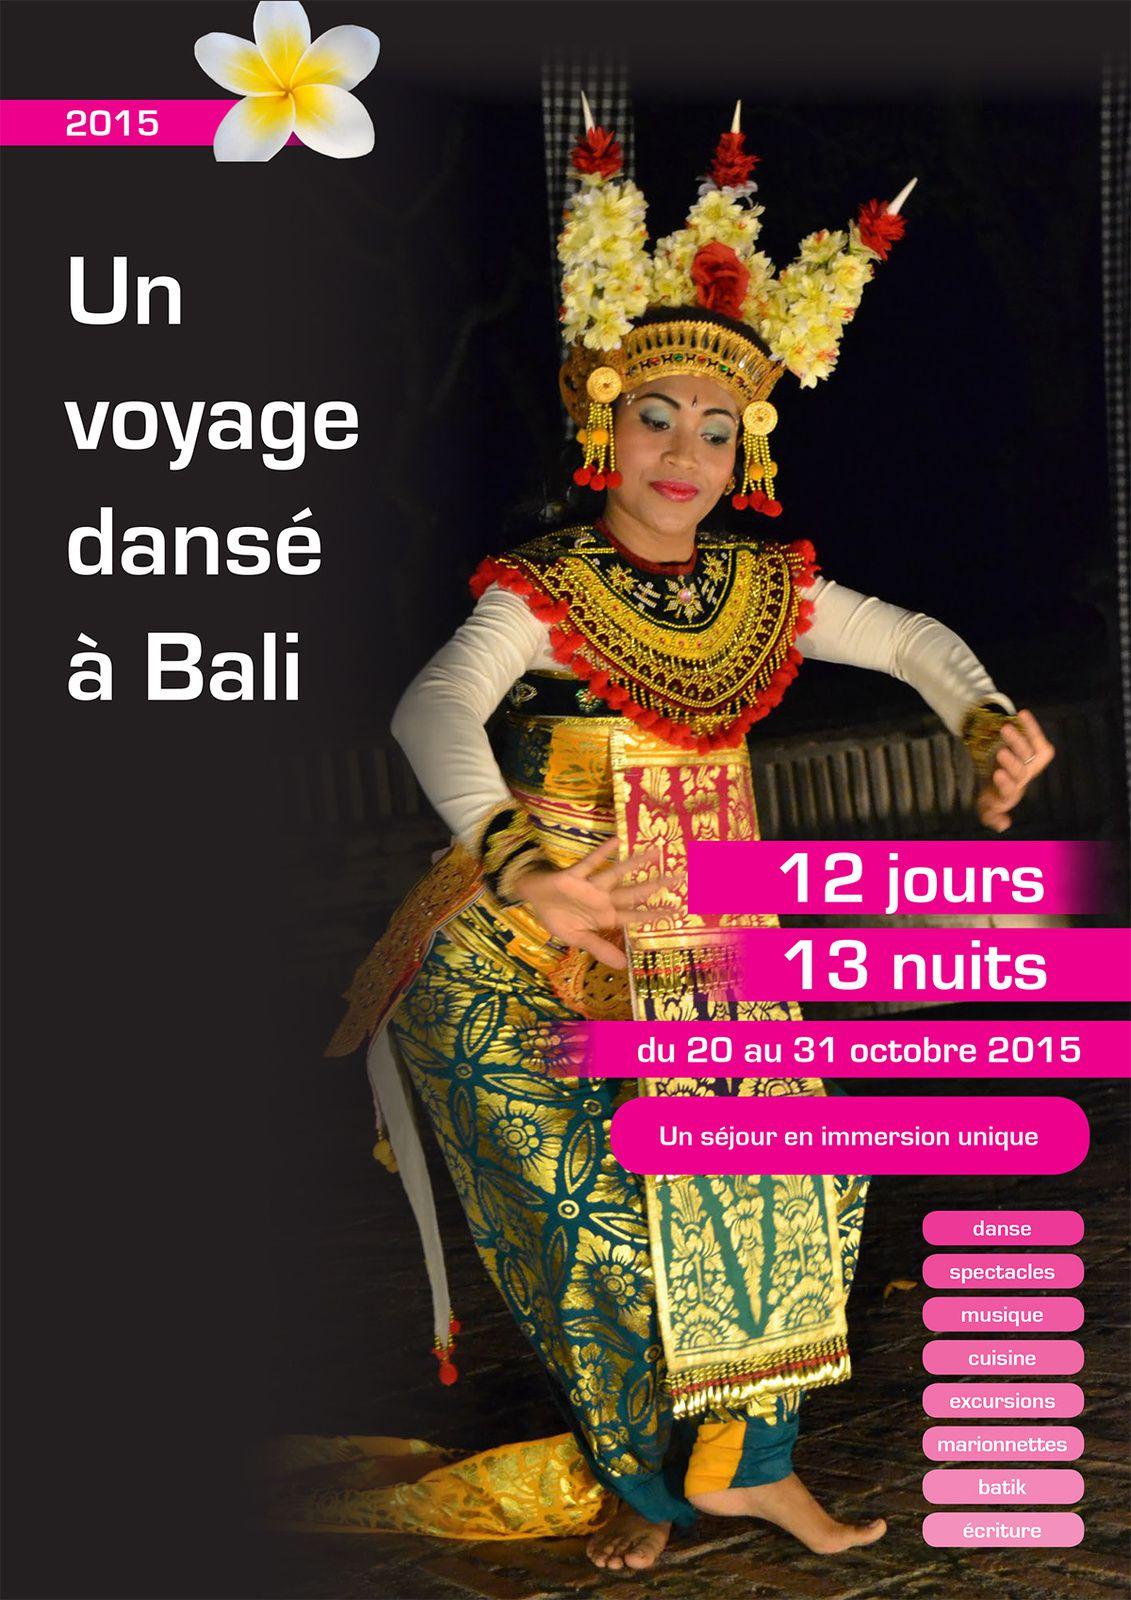 Du 20 au 31/10/15 - Voyage dansé à Bali